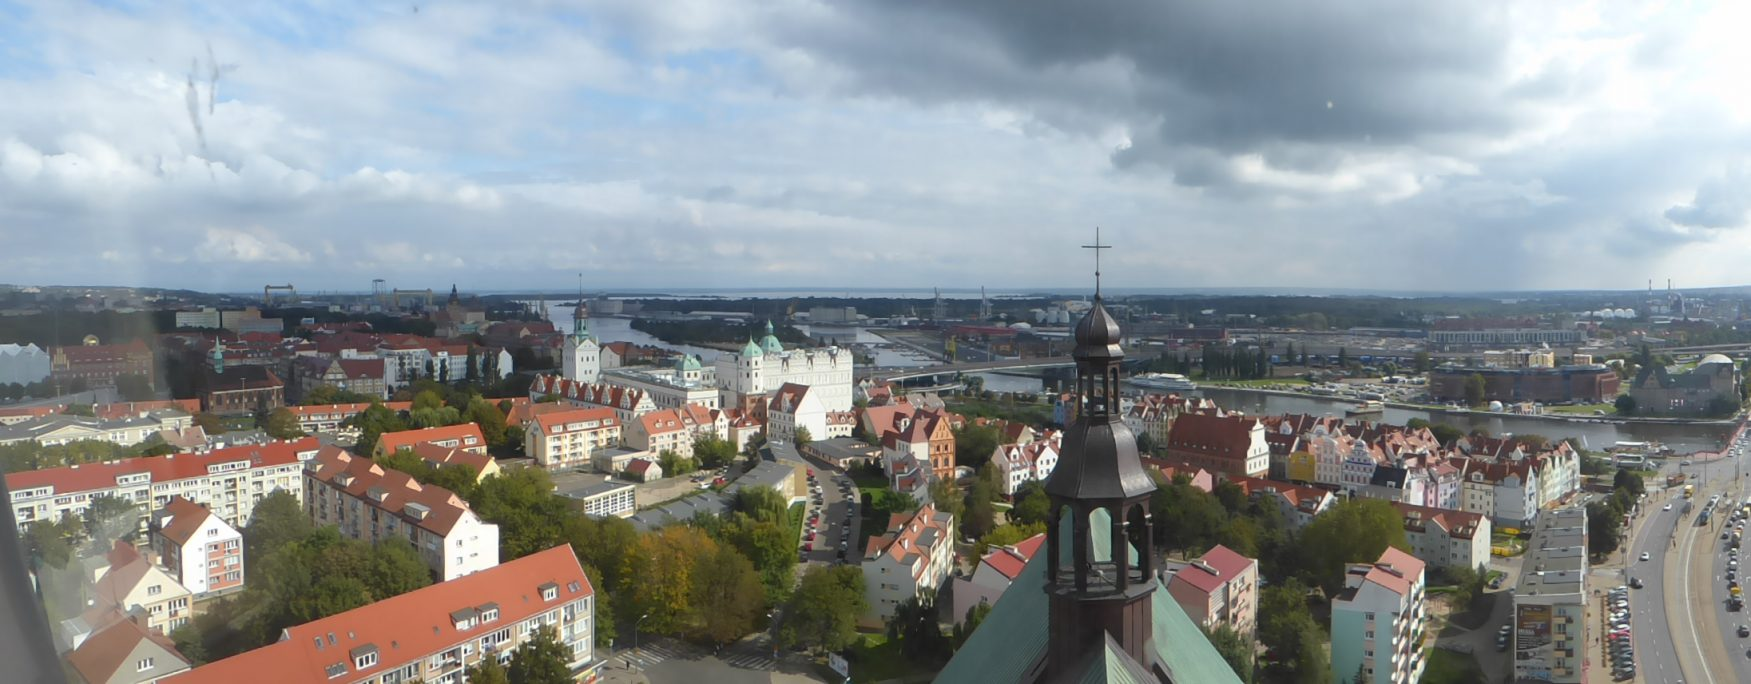 Blick auf die Silhouette von Stettin mit dem Schloss. Foto: D. Weirauch